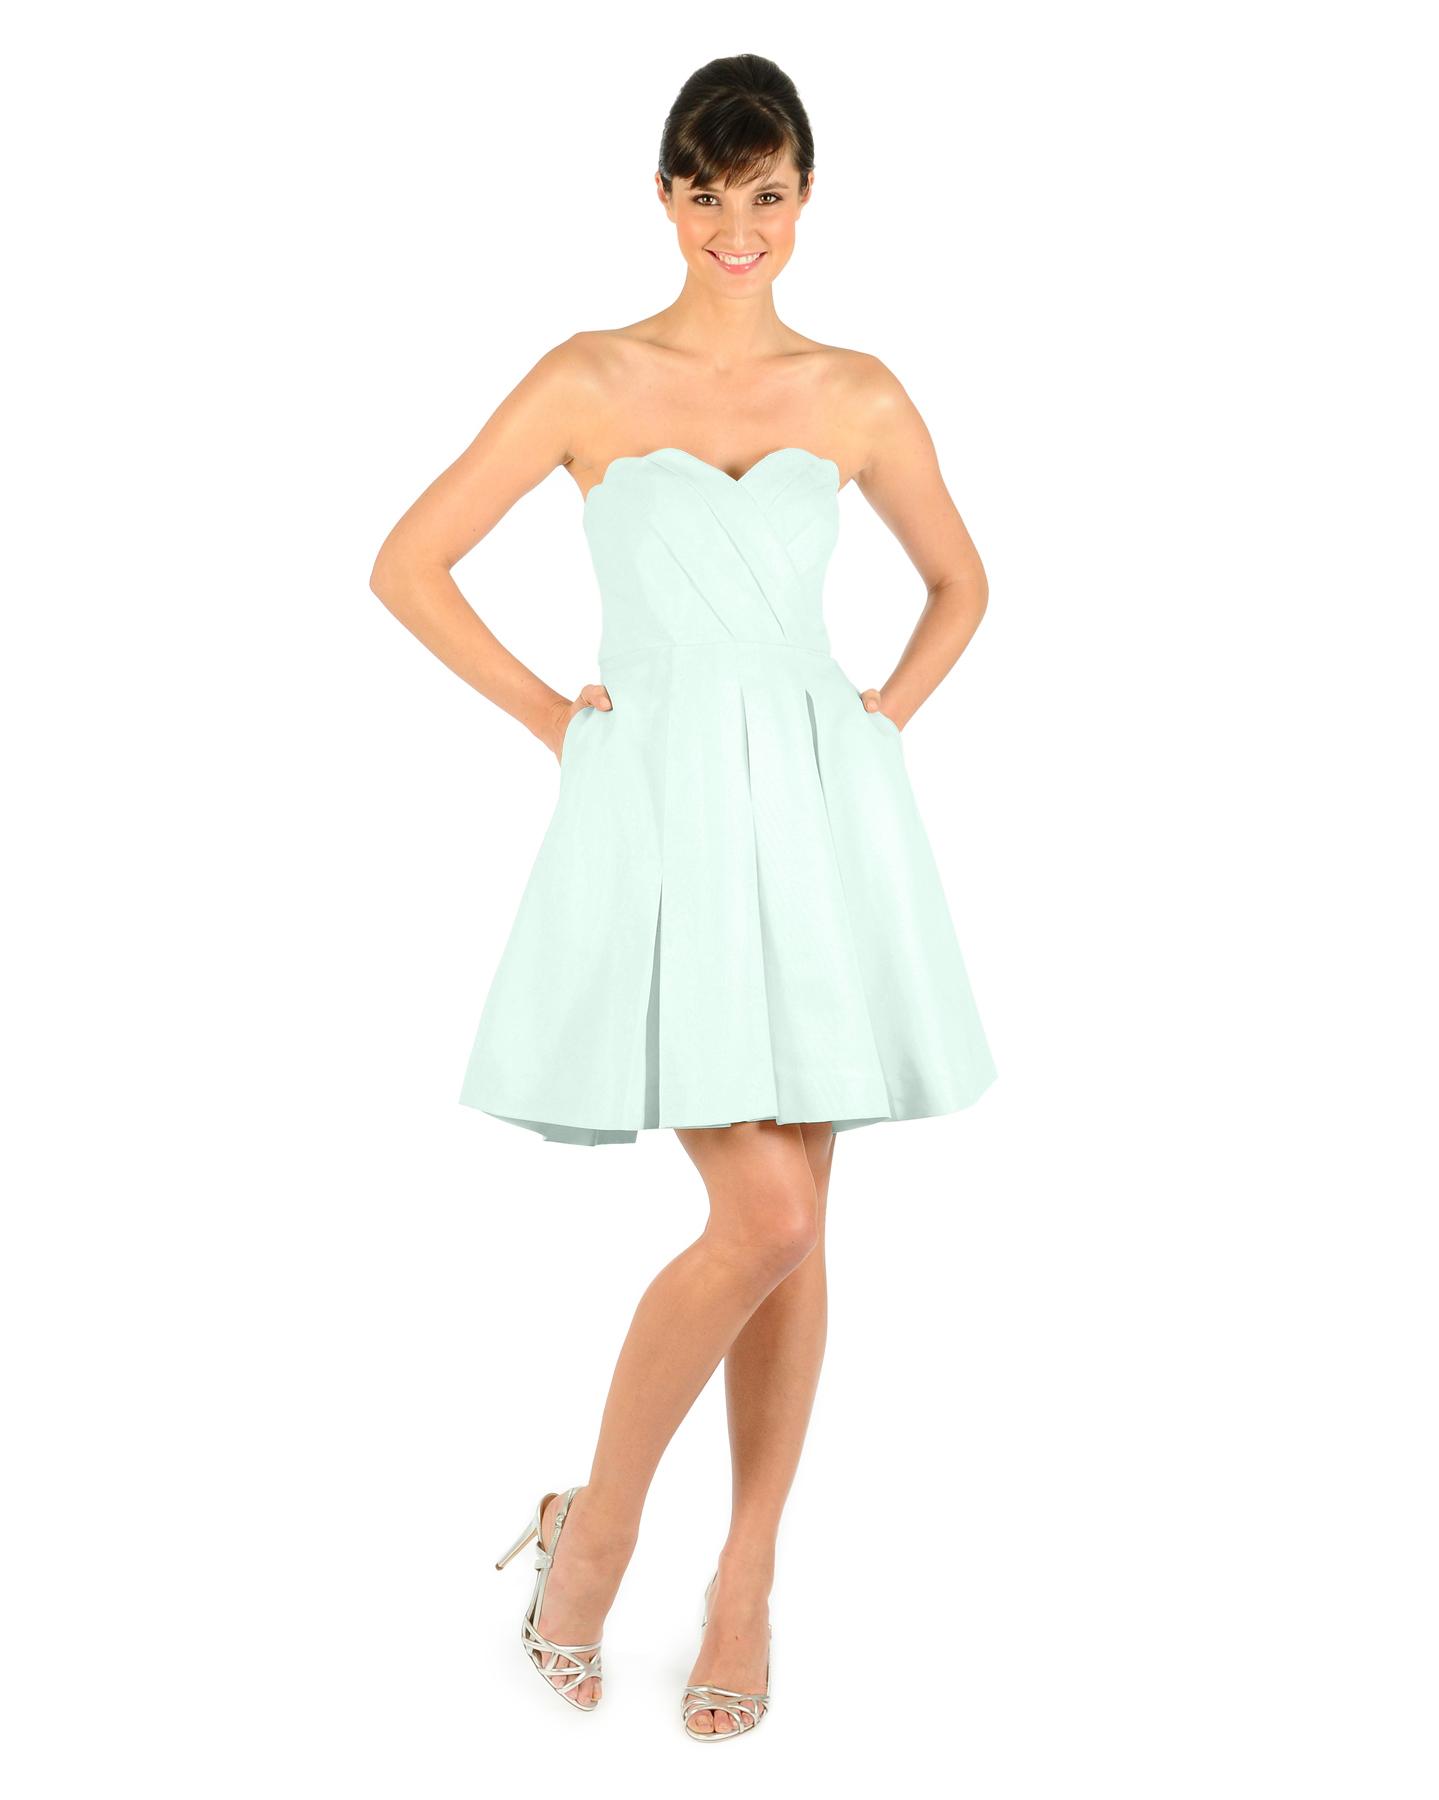 online-rental-wear-companies-weddington-way-grace-mint-0415.jpg